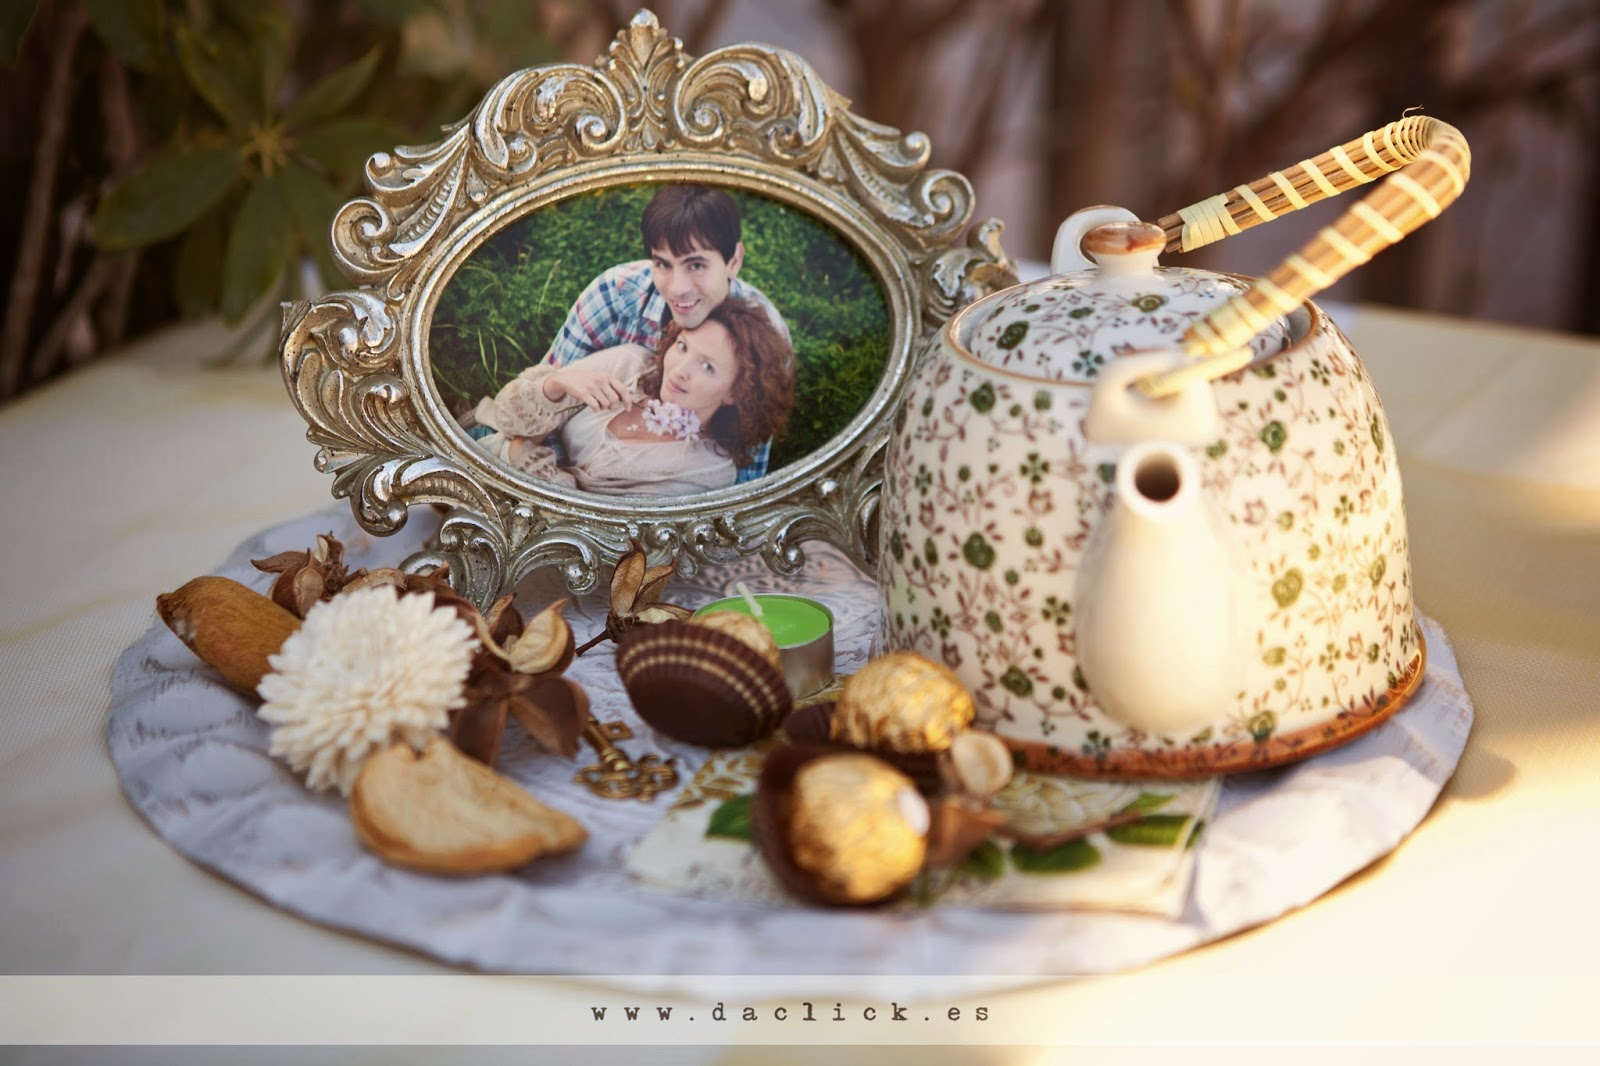 Decoración Vintage de boda Tetera y Dulces portafotos rococó